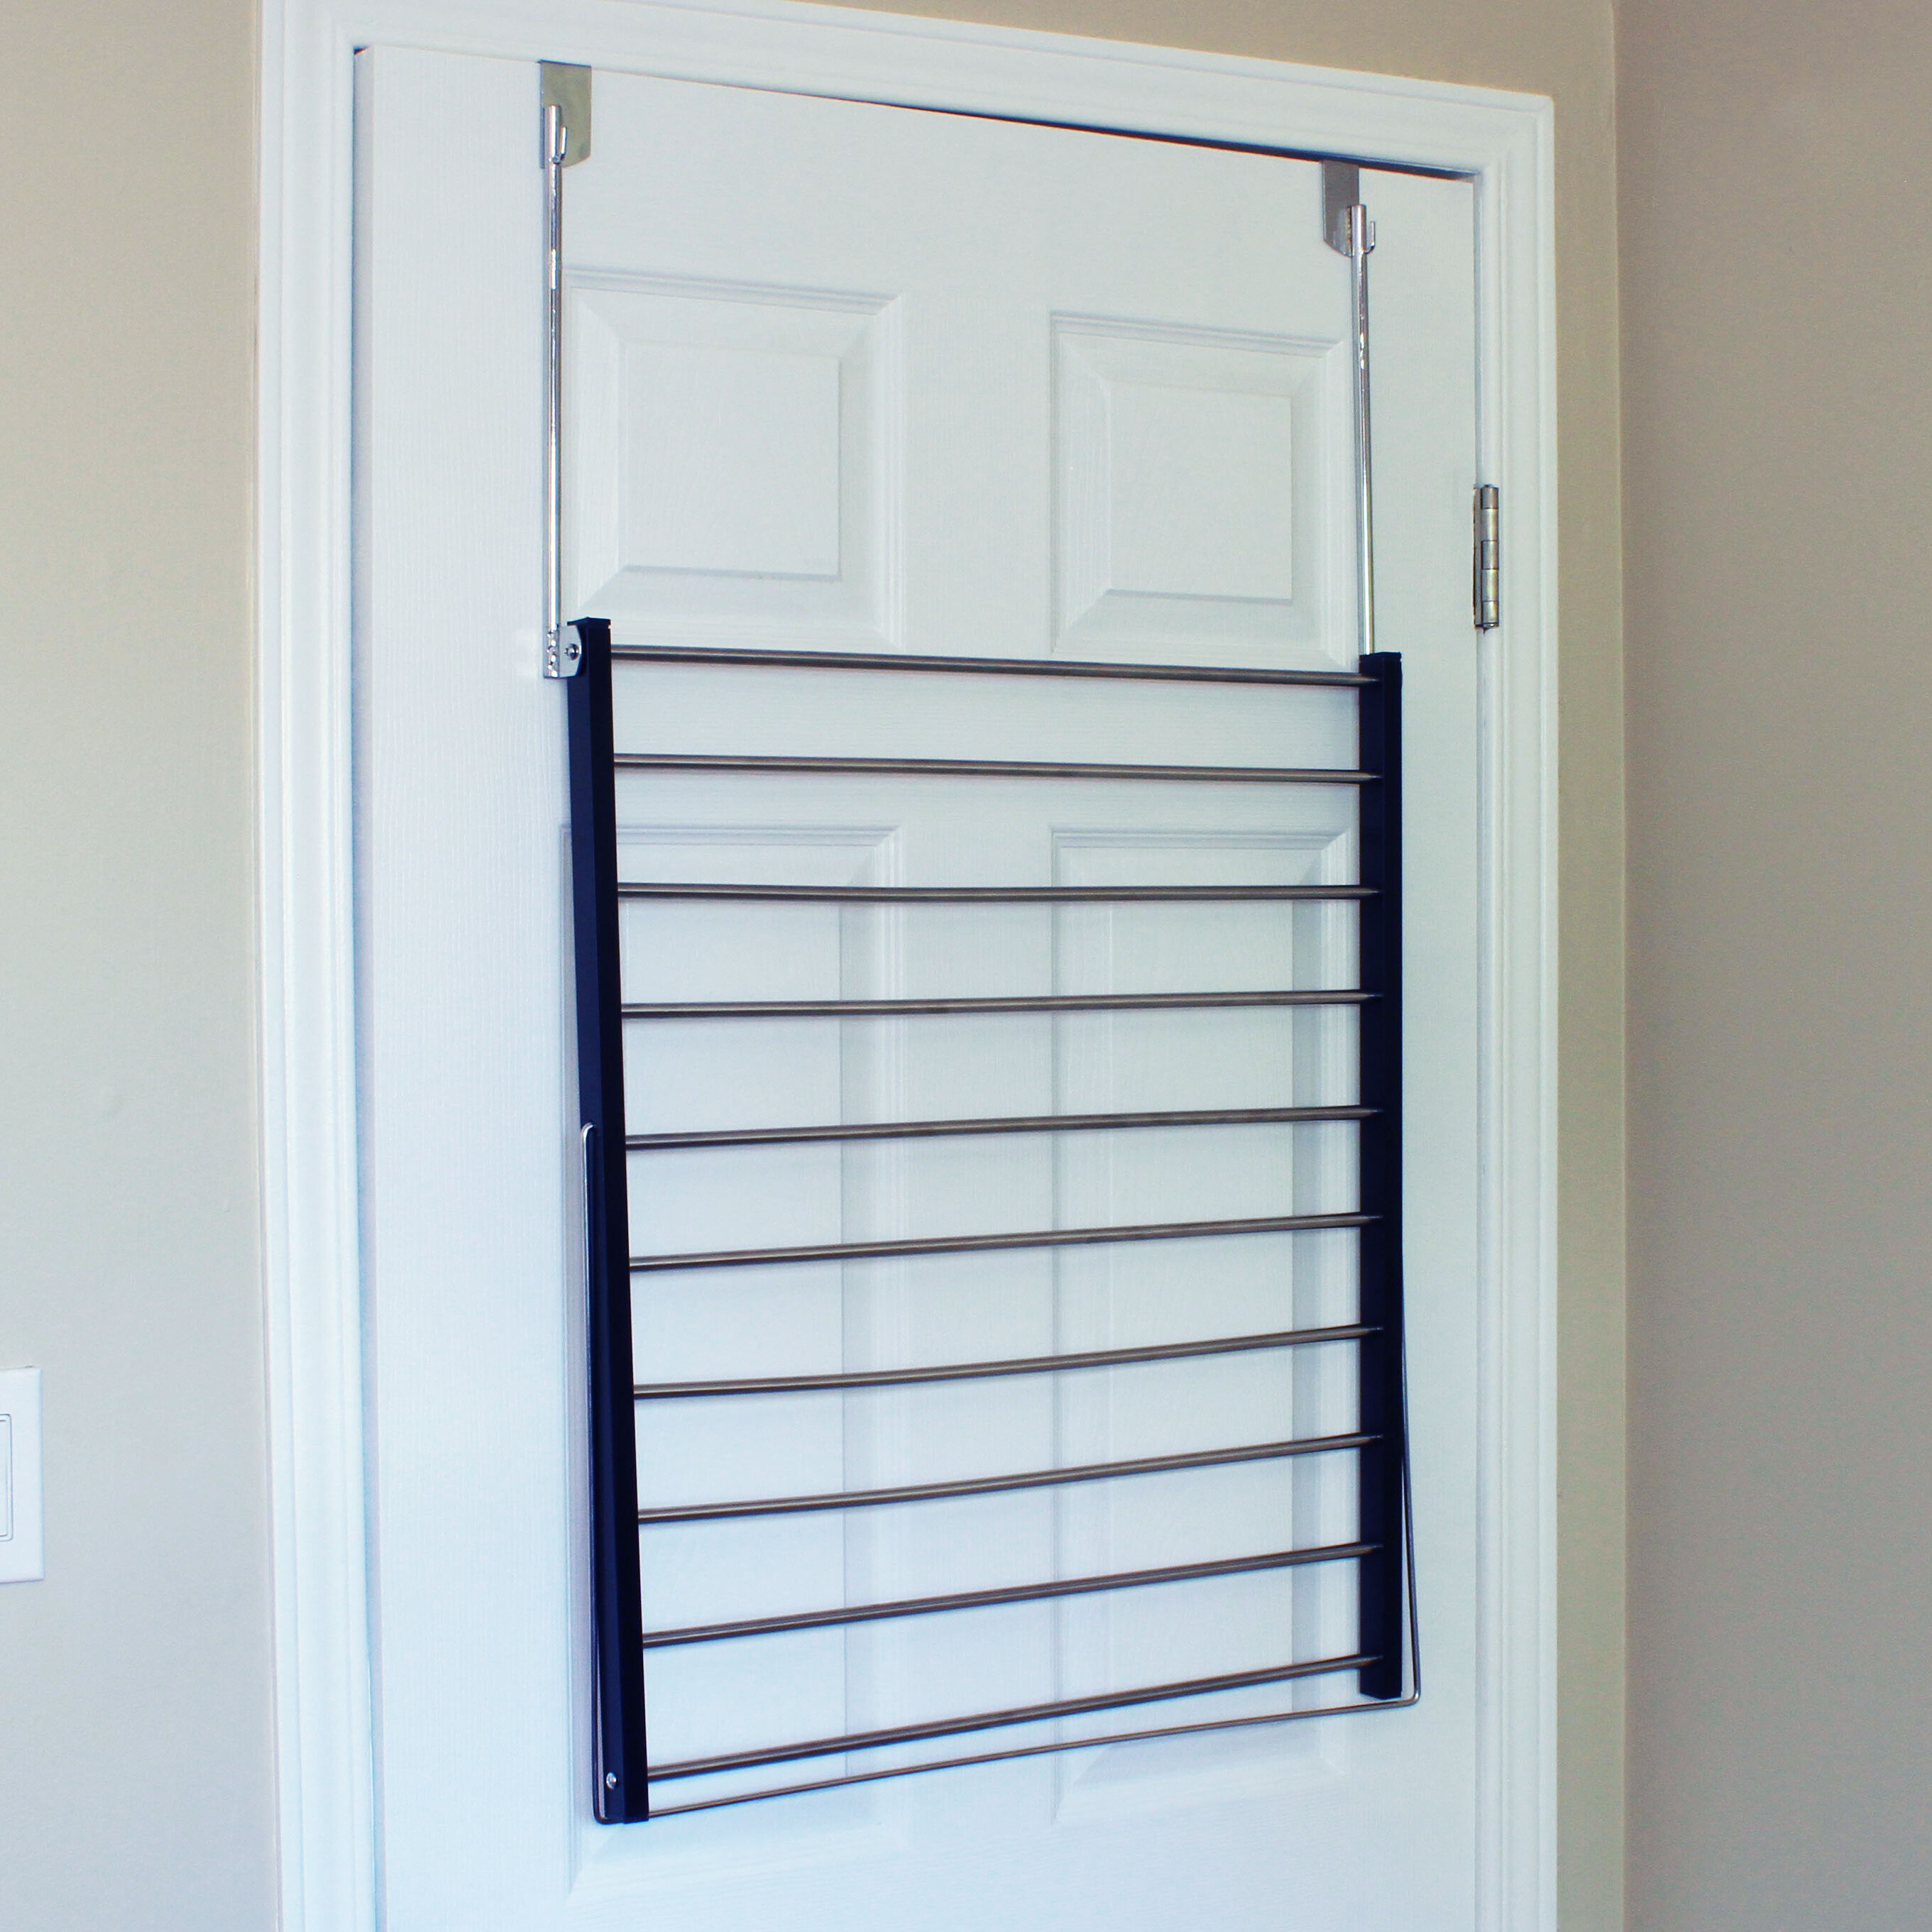 Greenway Greenway Over The Door Drying Rack U0026 Reviews | Wayfair